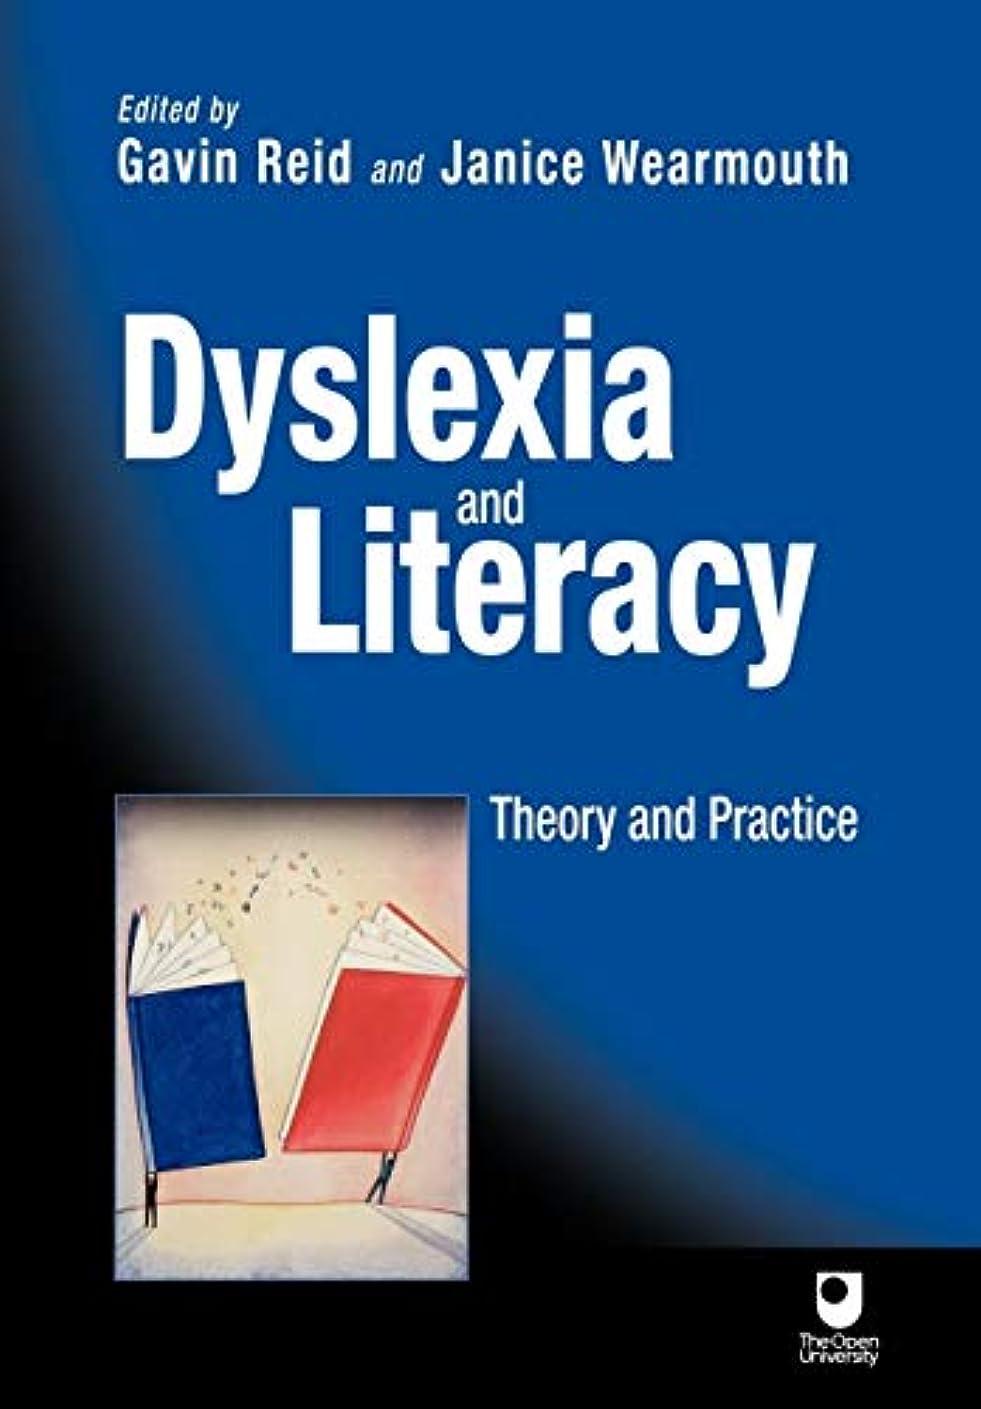 刈るライオネルグリーンストリート舌Dyslexia and Literacy: Theory and Practice (Open University Set Book)